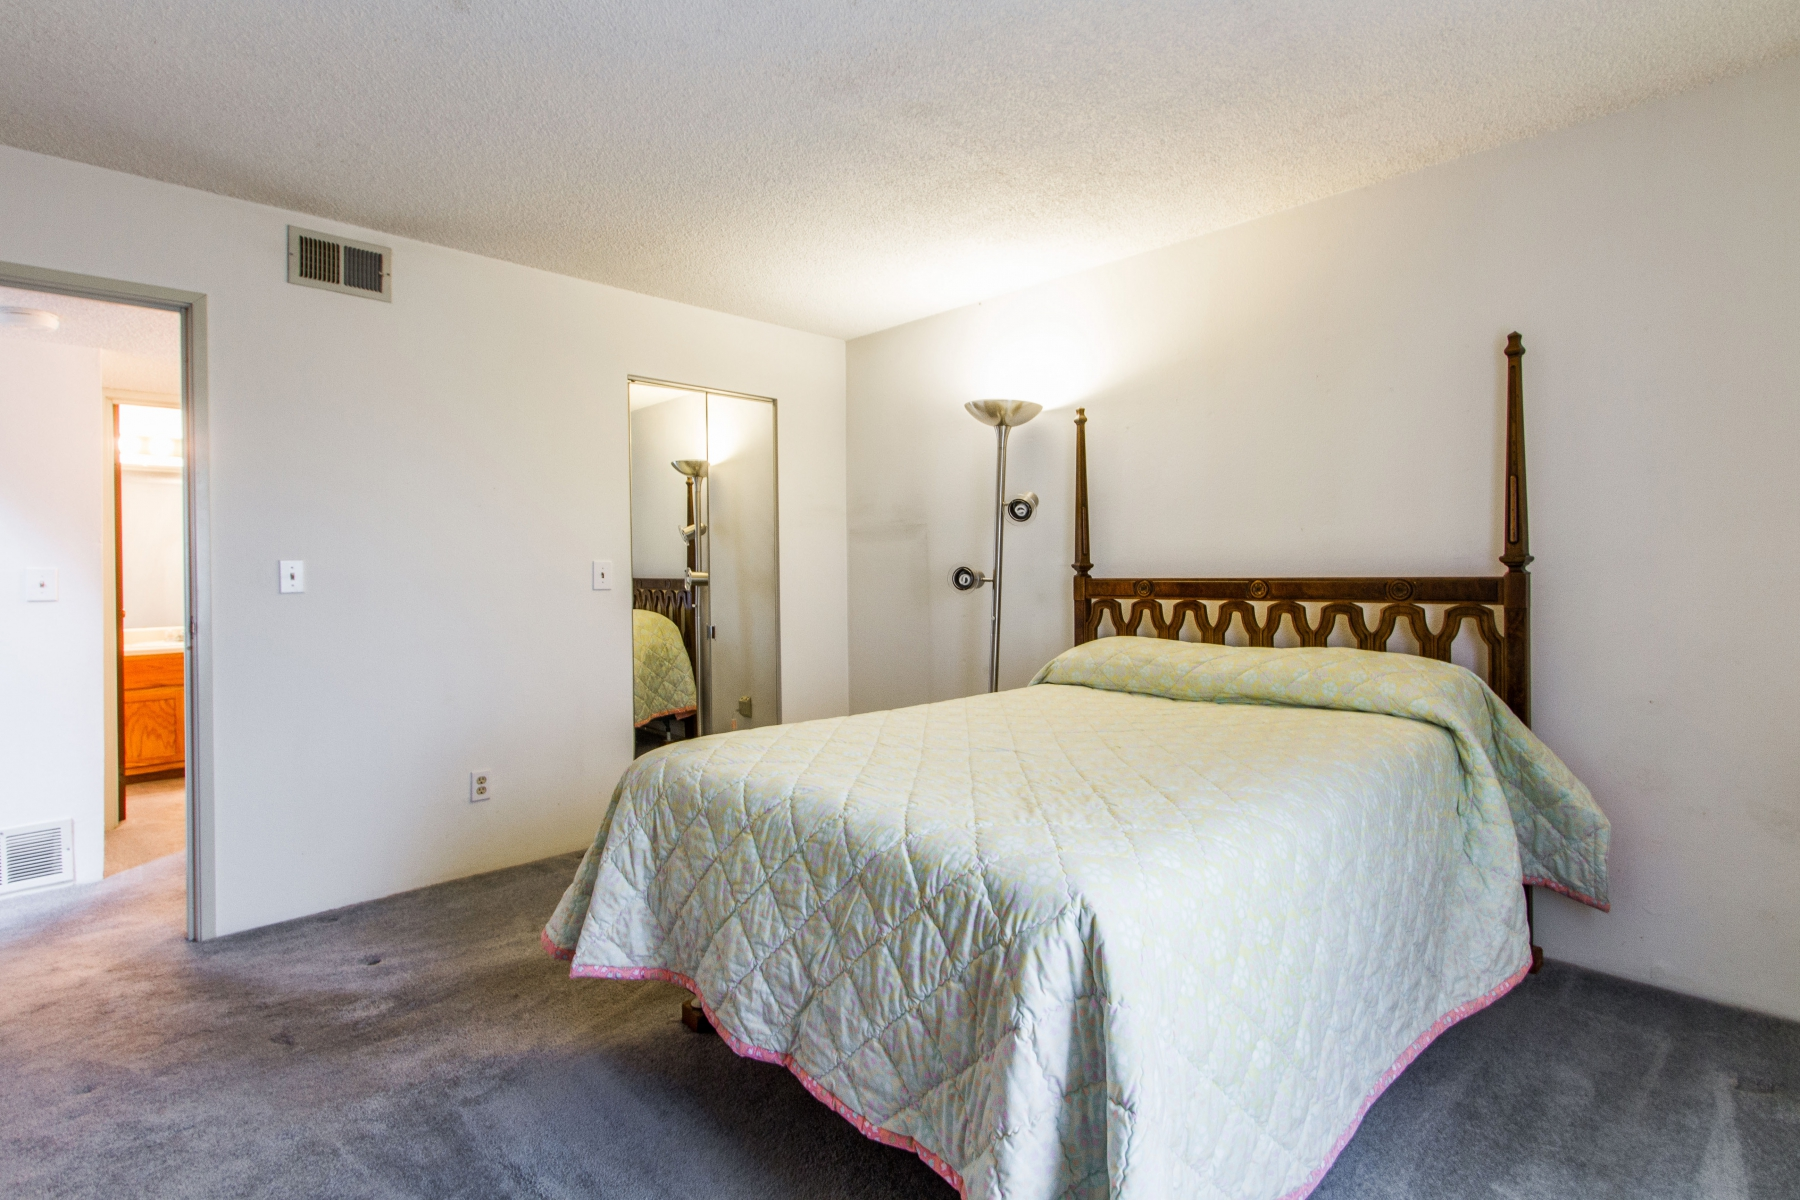 Bedroom_1800x1200_2694123.jpg